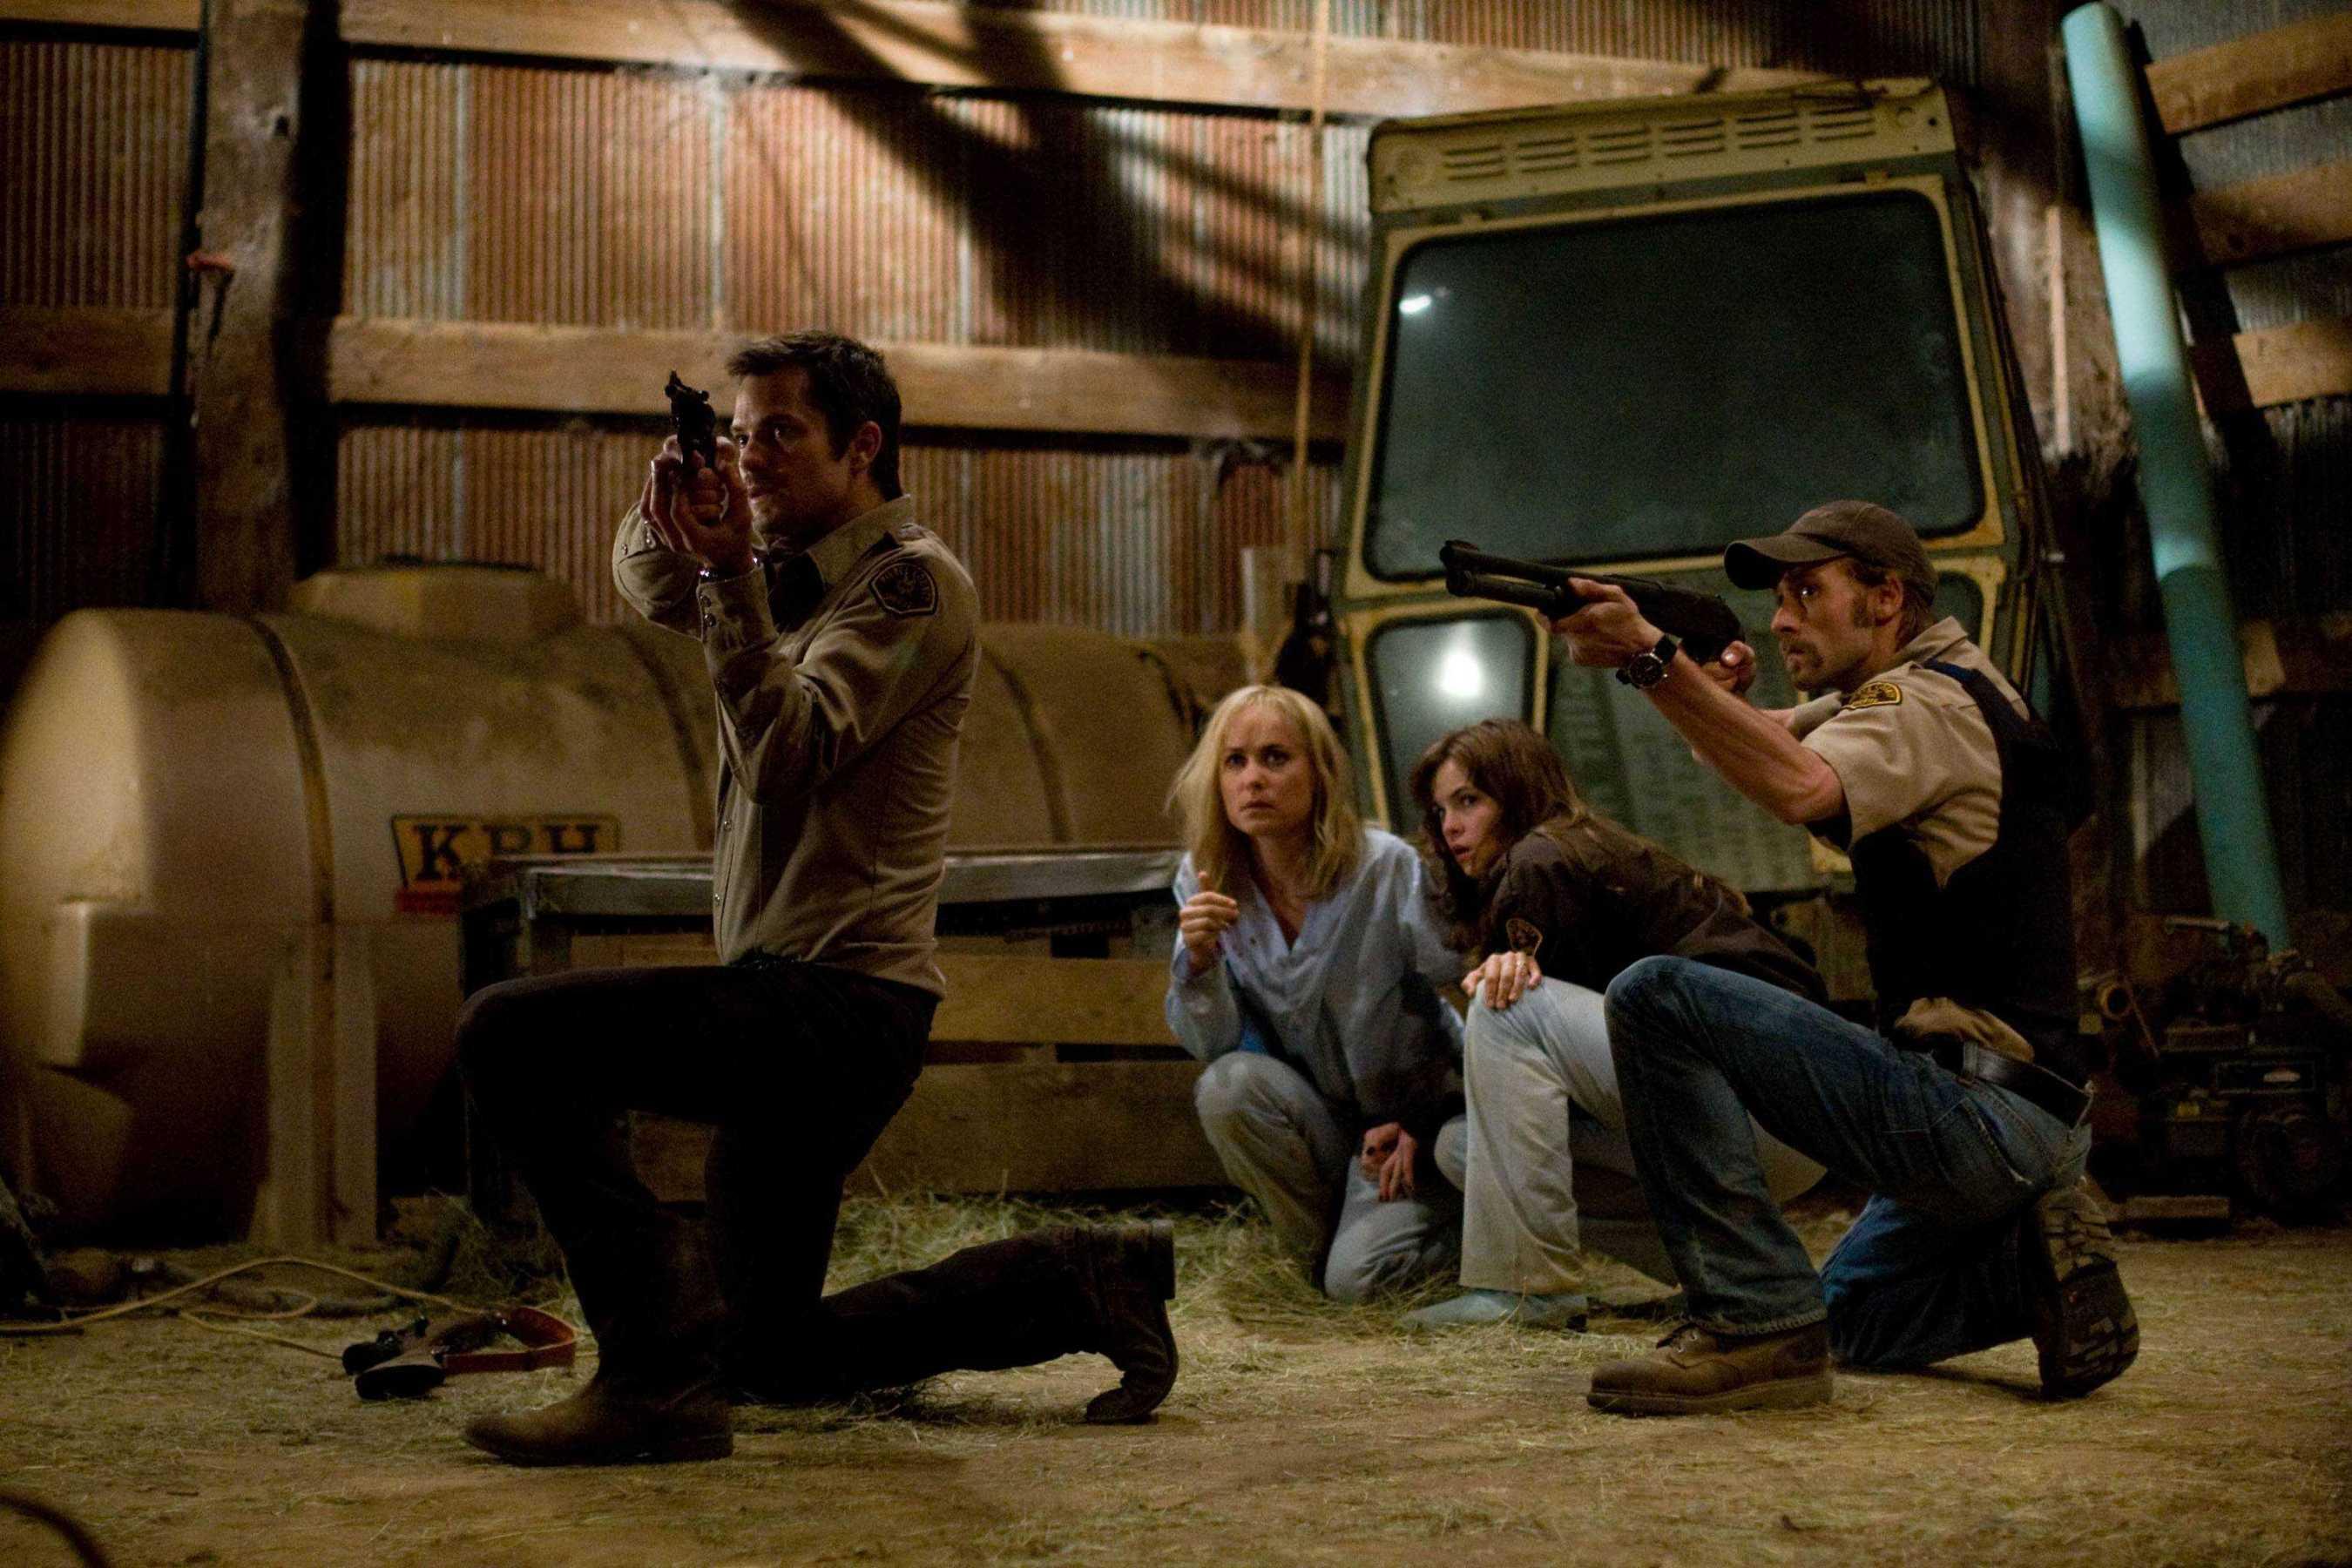 A tébolyultak / The Crazies (2010)